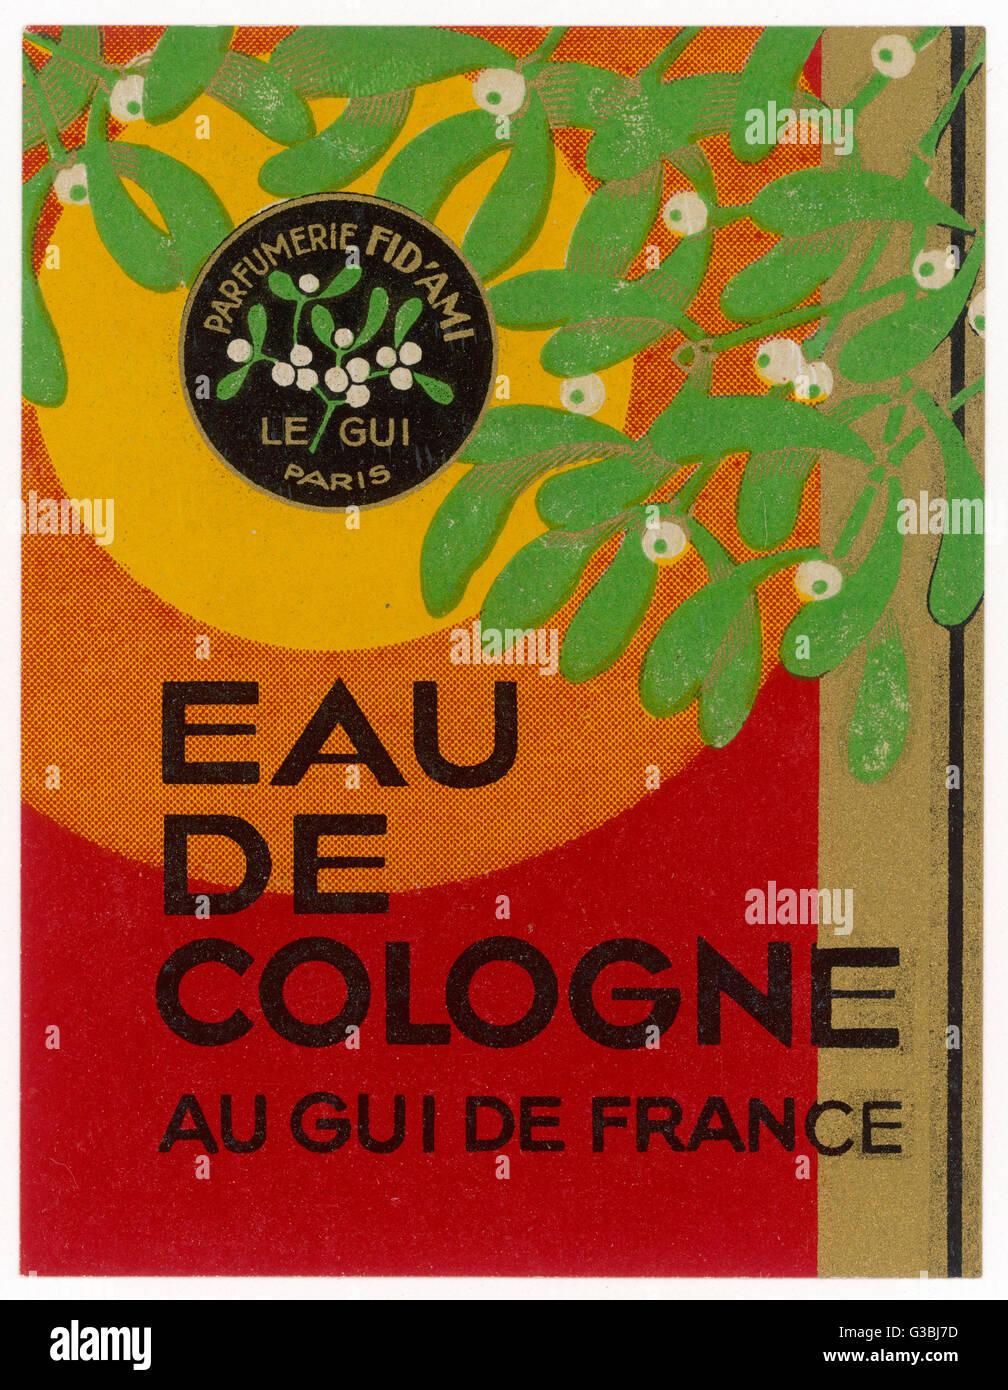 Eau de Cologne au gui de France - ma è in realtà costituito da vischio, o è che semplicemente il Immagini Stock